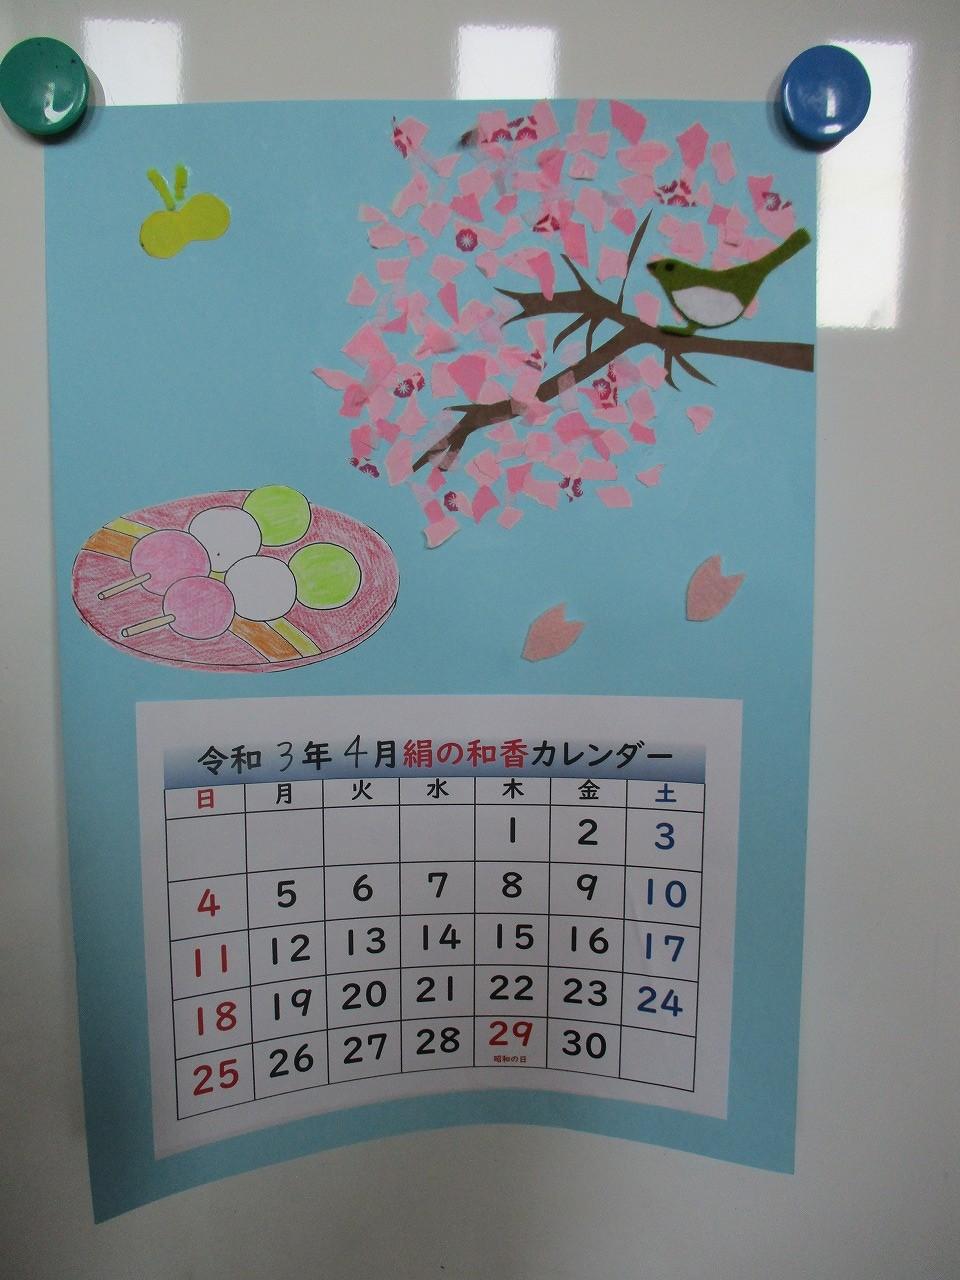 カレンダーにはきれいな桜が満開ですね。